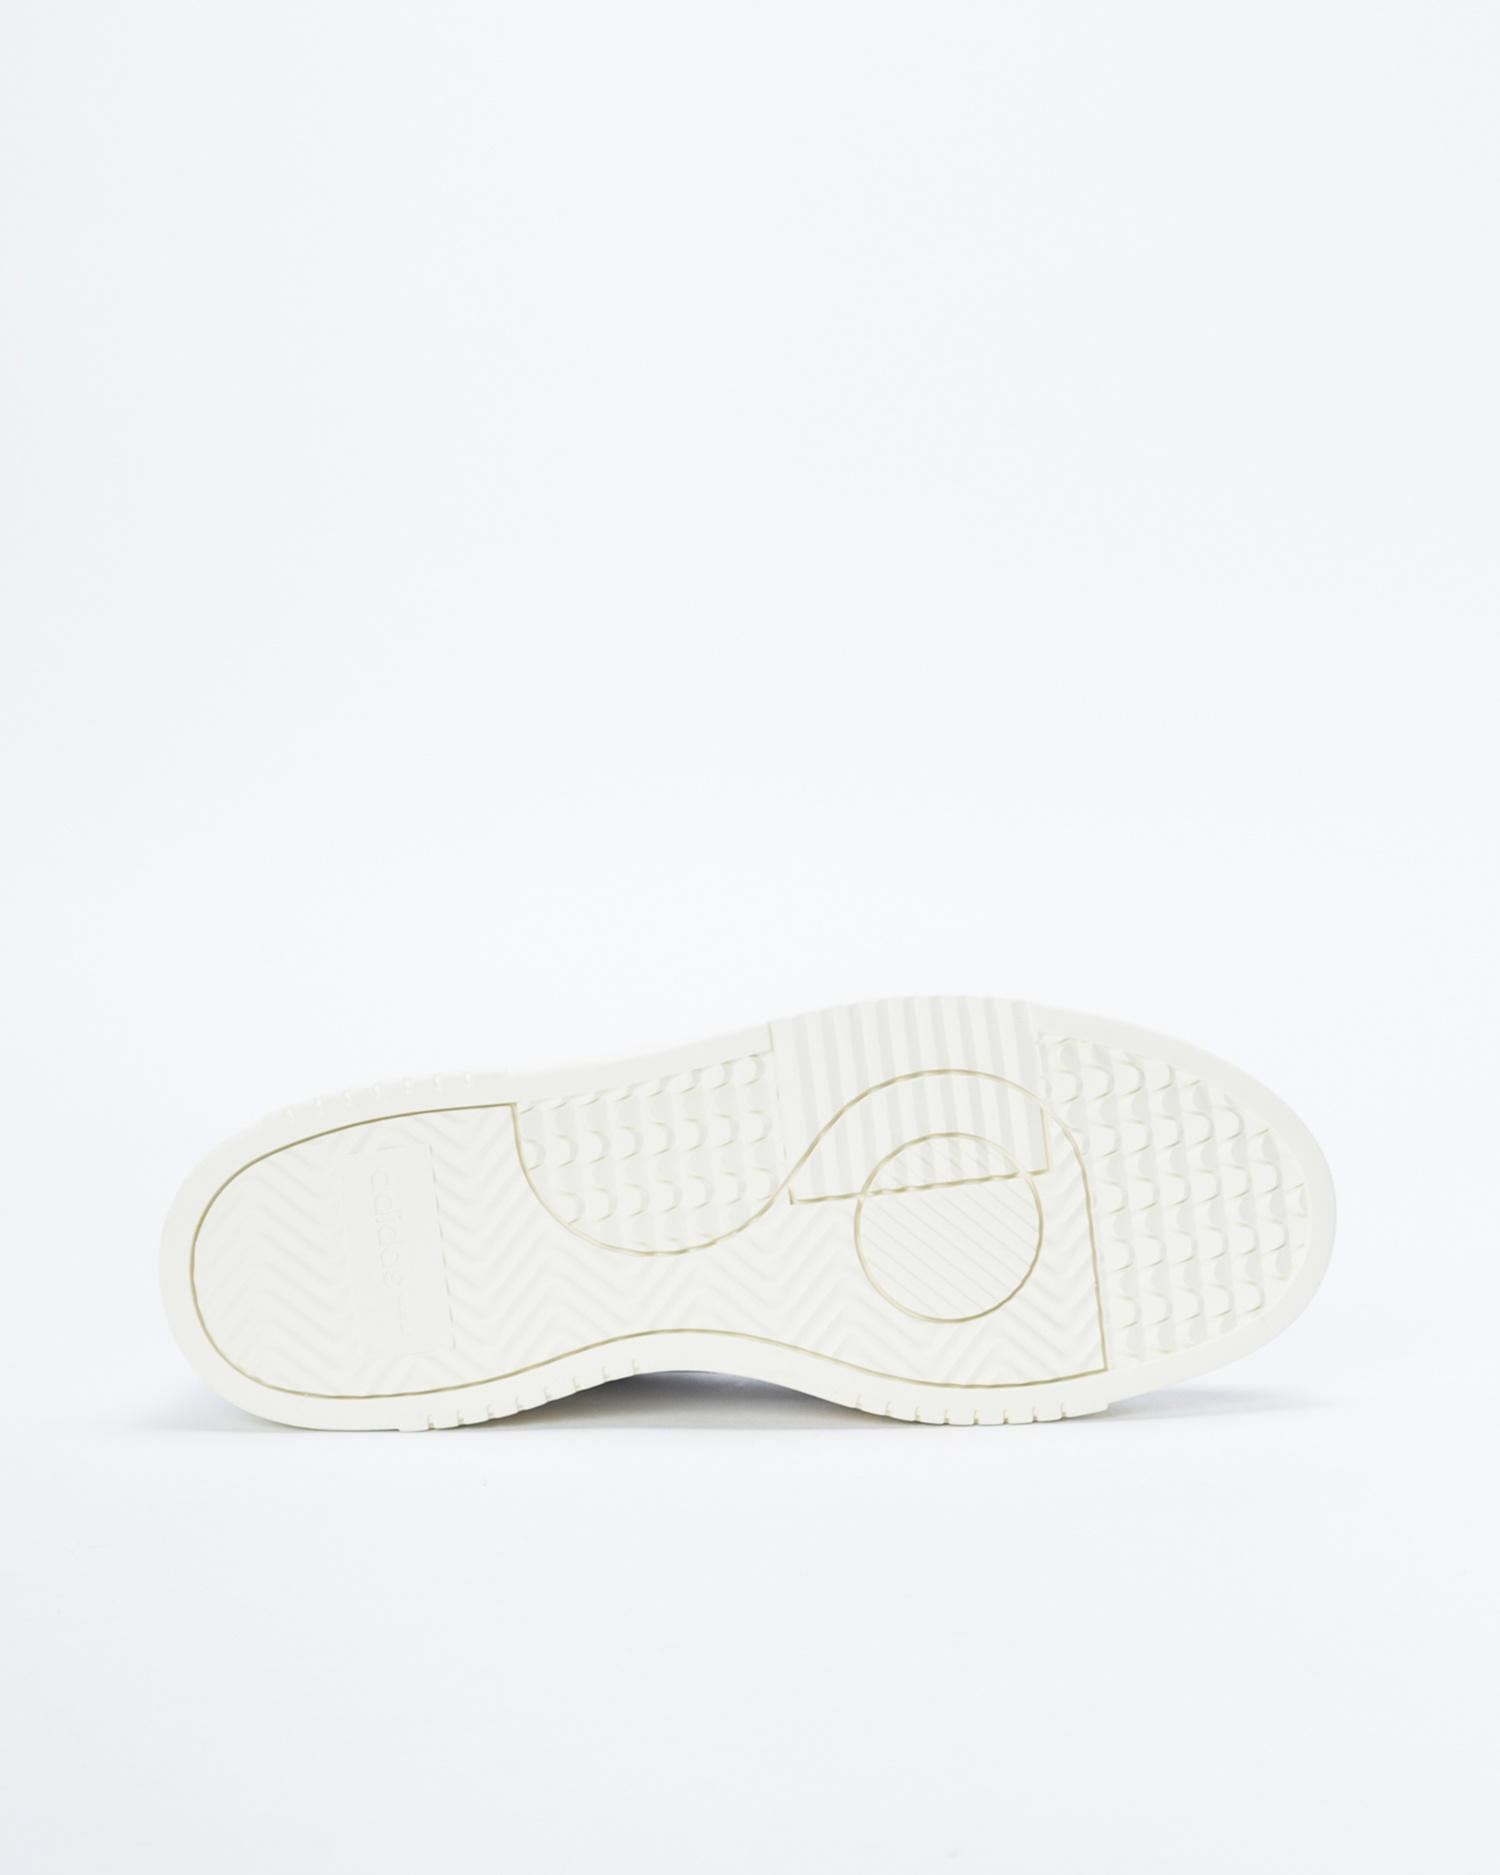 Adidas Supercourt Crywht/Cwhite/Owhite